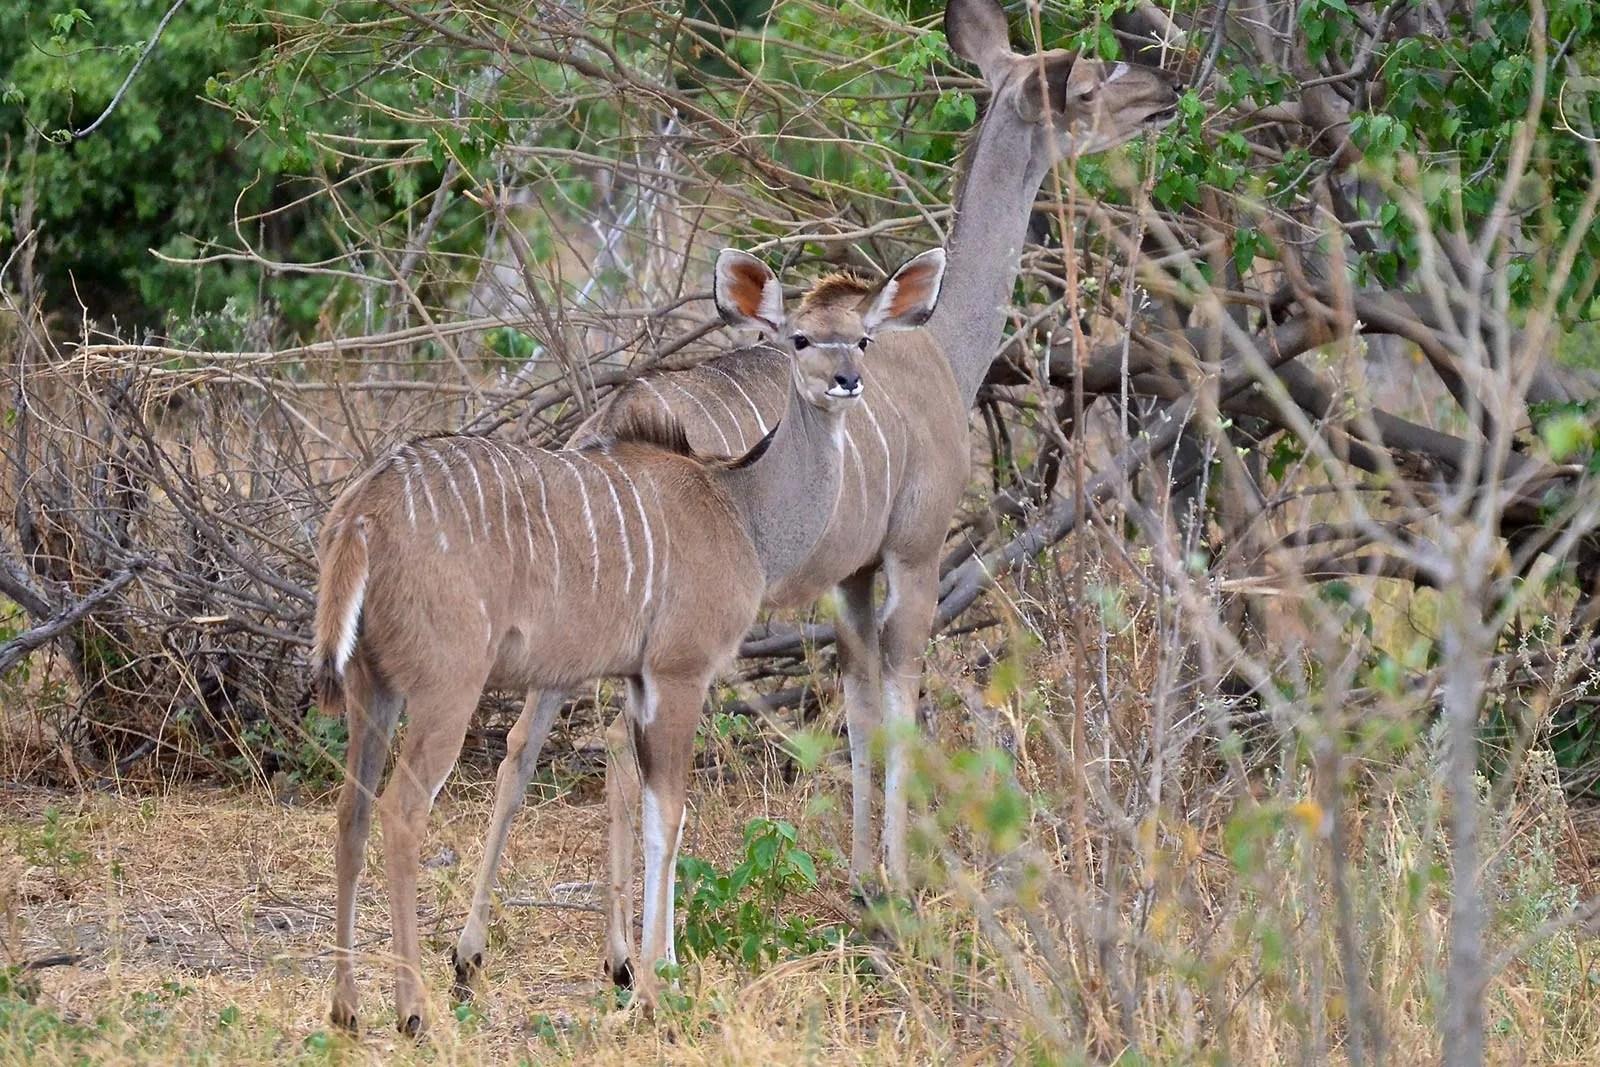 Greater Kudu (Tragelaphus strepsiceros) Females